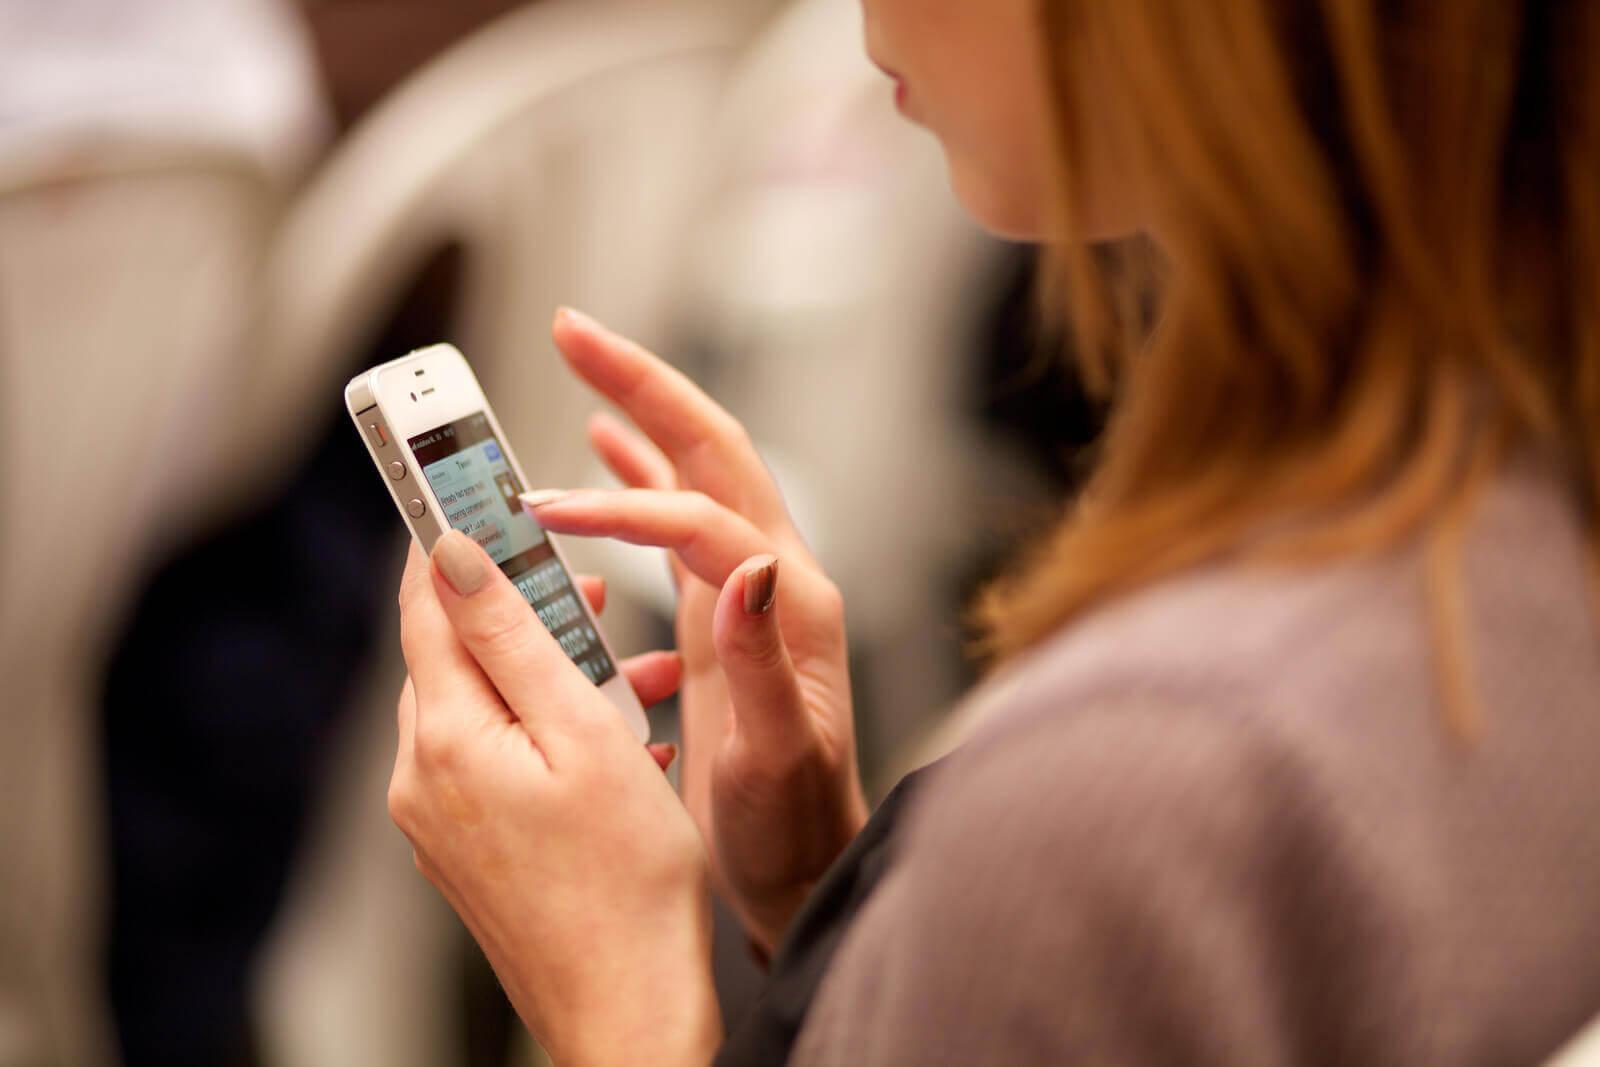 Снятое с мобилы, Видеозаписи Домашнее порно DP18 ВКонтакте 20 фотография